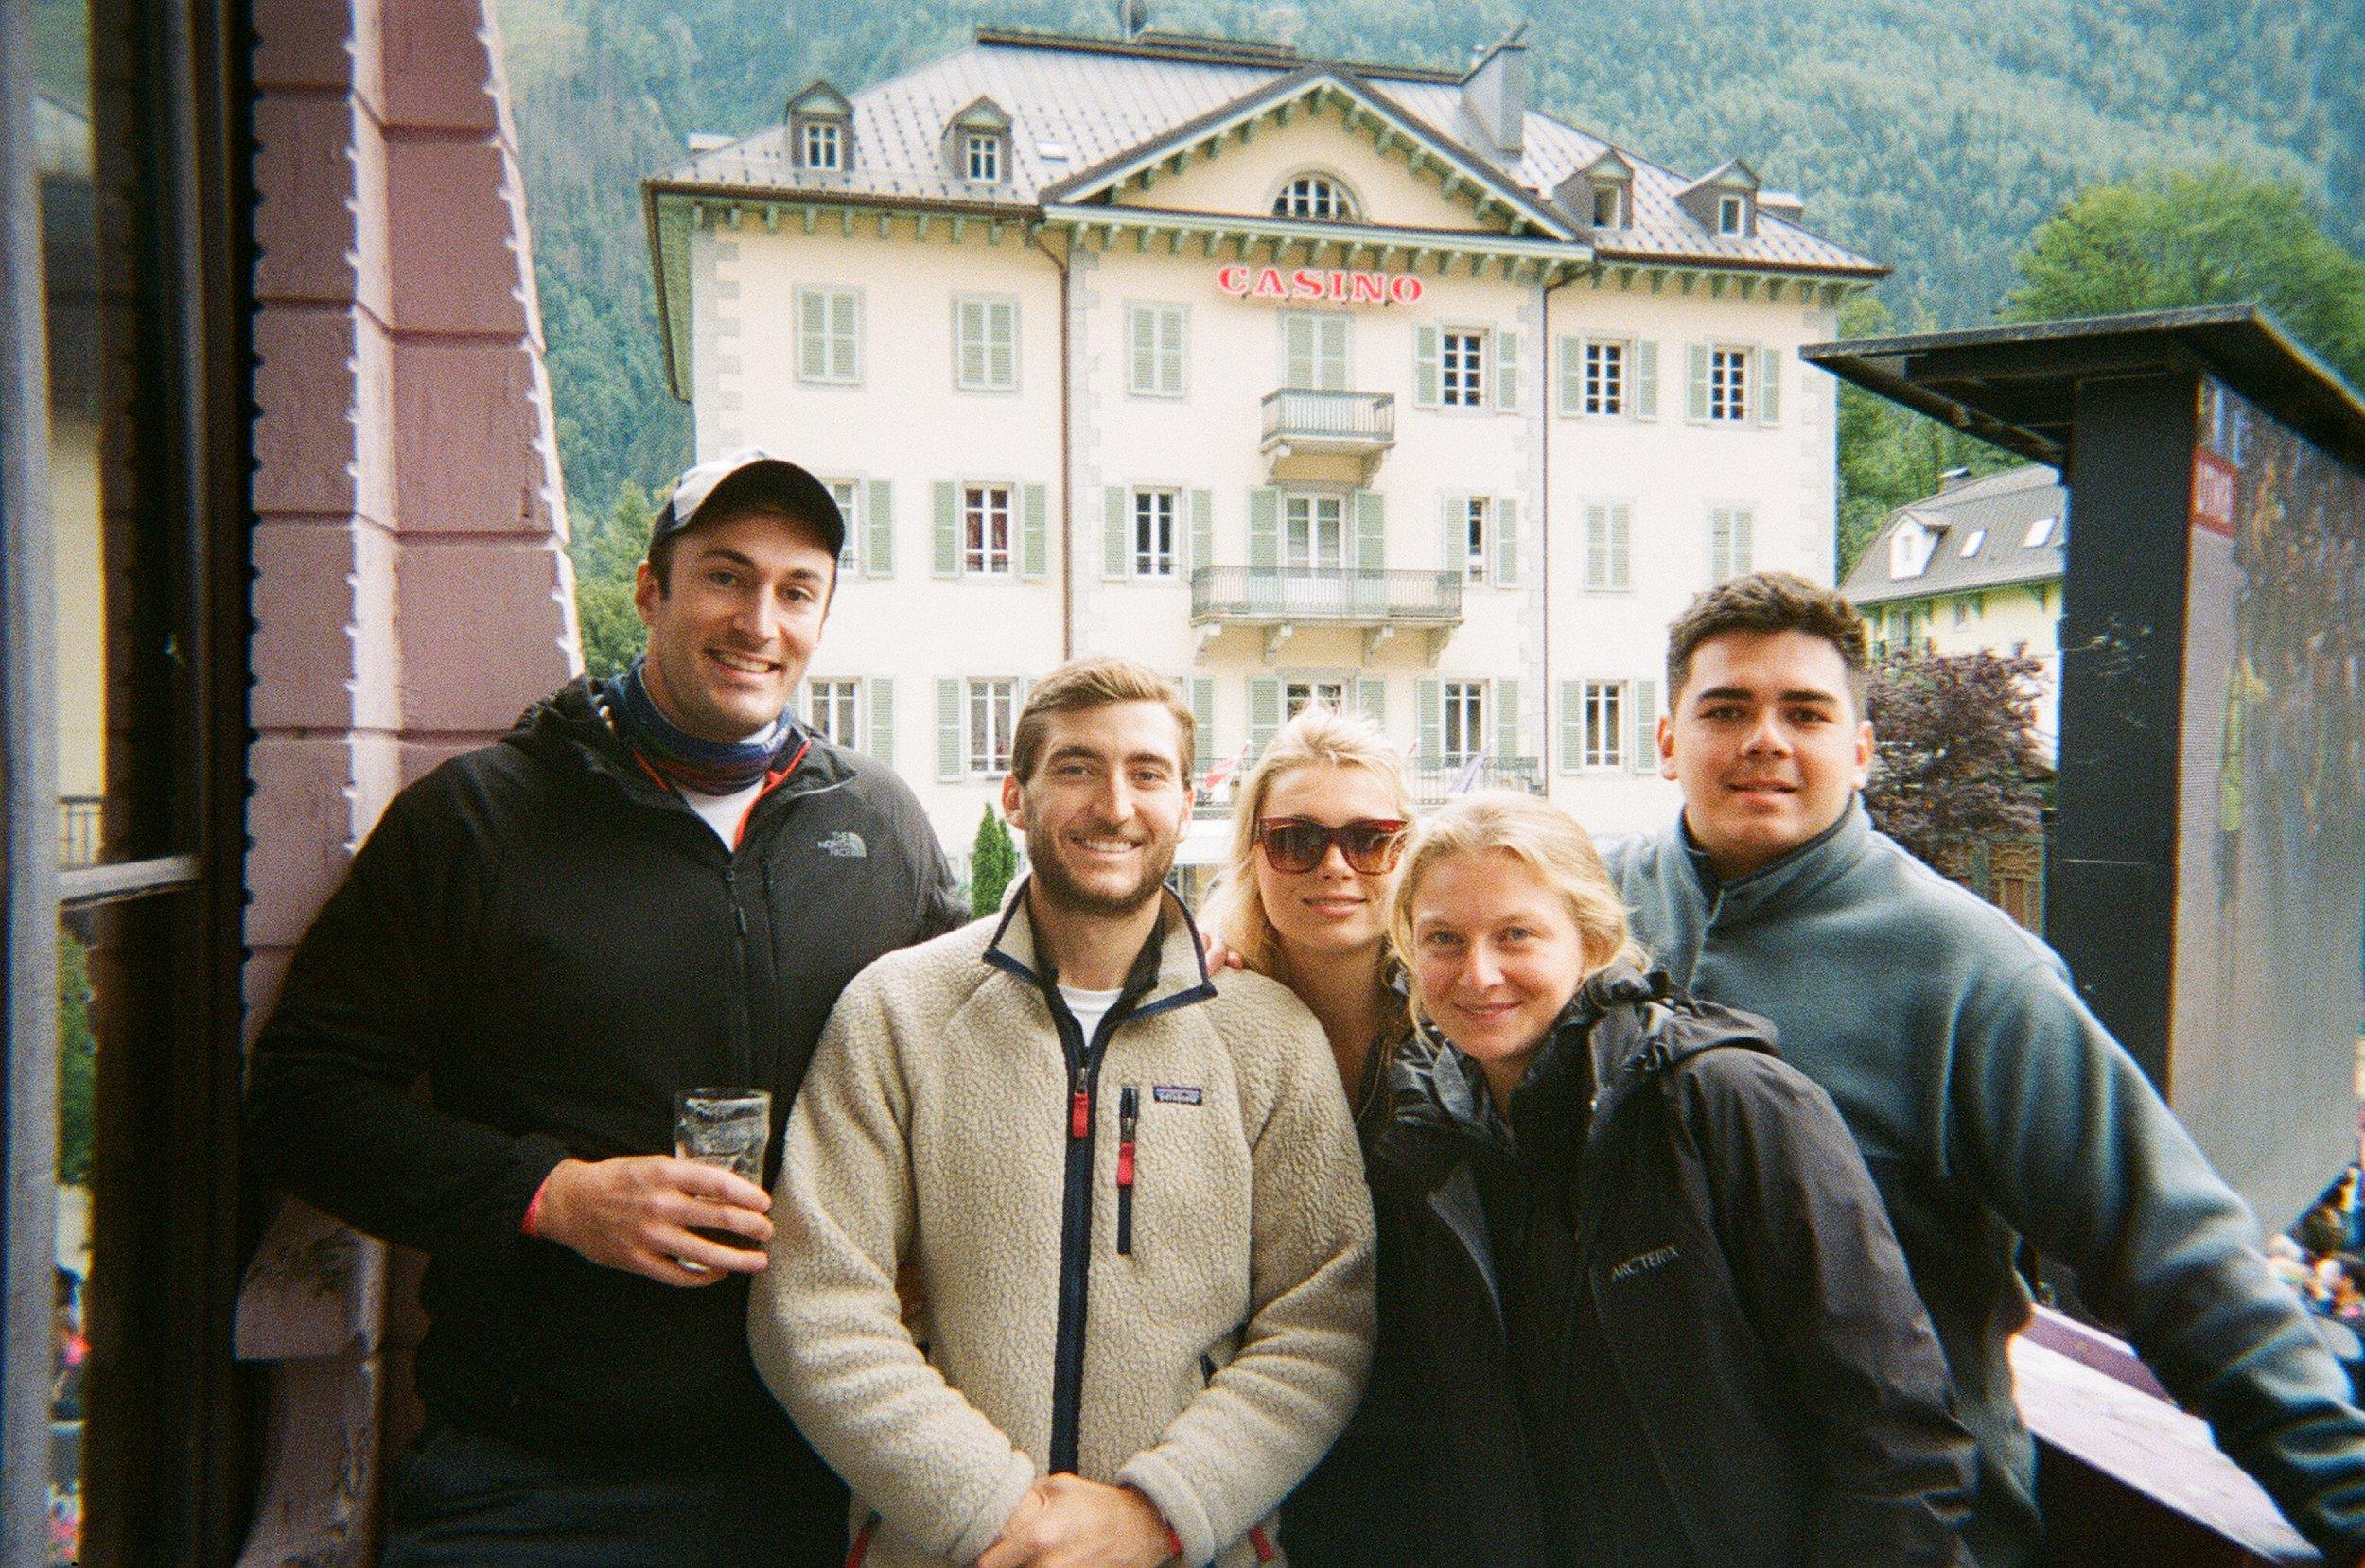 Nicki-Lange-Ultra-Trail-Du-Mont-Blanc-2018-25.jpg